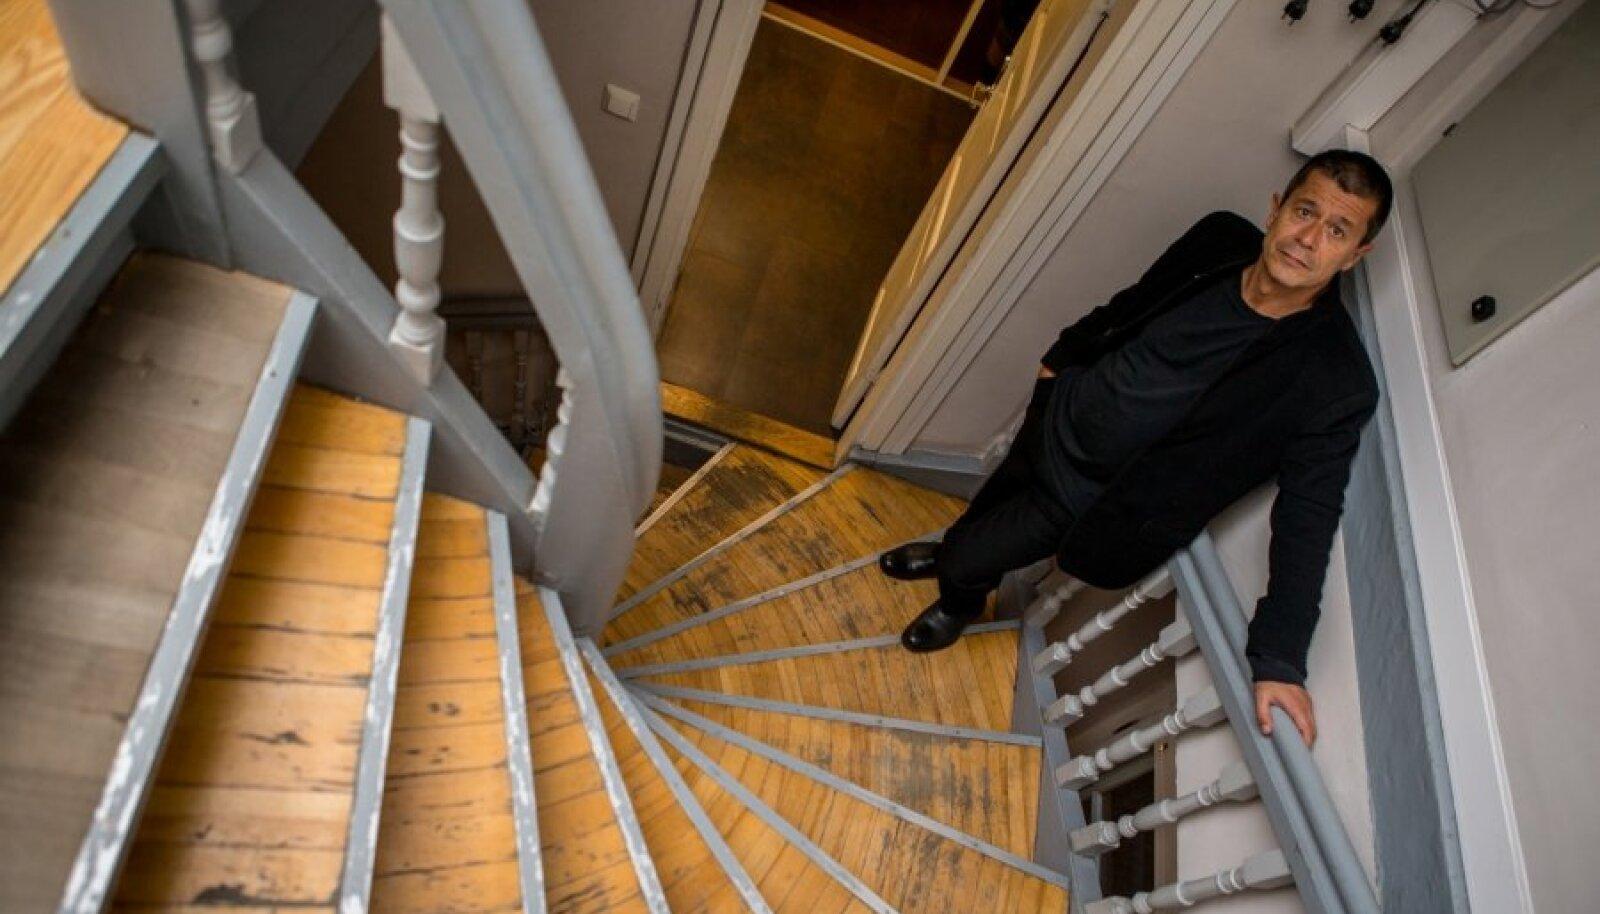 Emmanuel Carrère Prantsuse kultuurikeskuses, mille raamatukoguga ta tutvus.